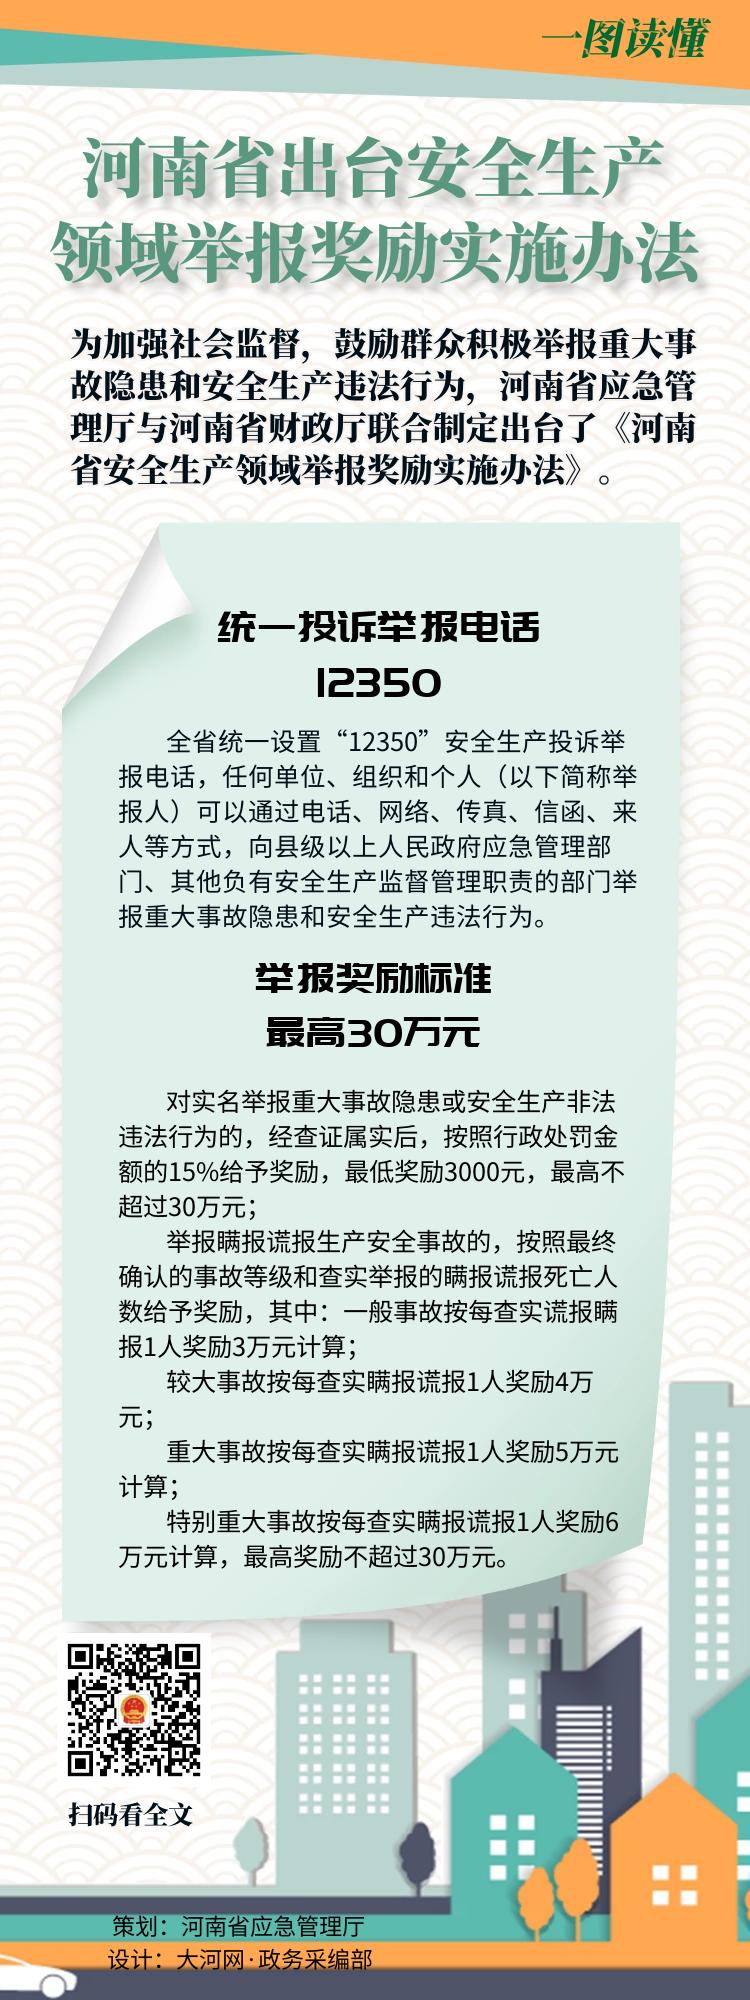 河南省出台安全生产领域举报奖励实施办法.png